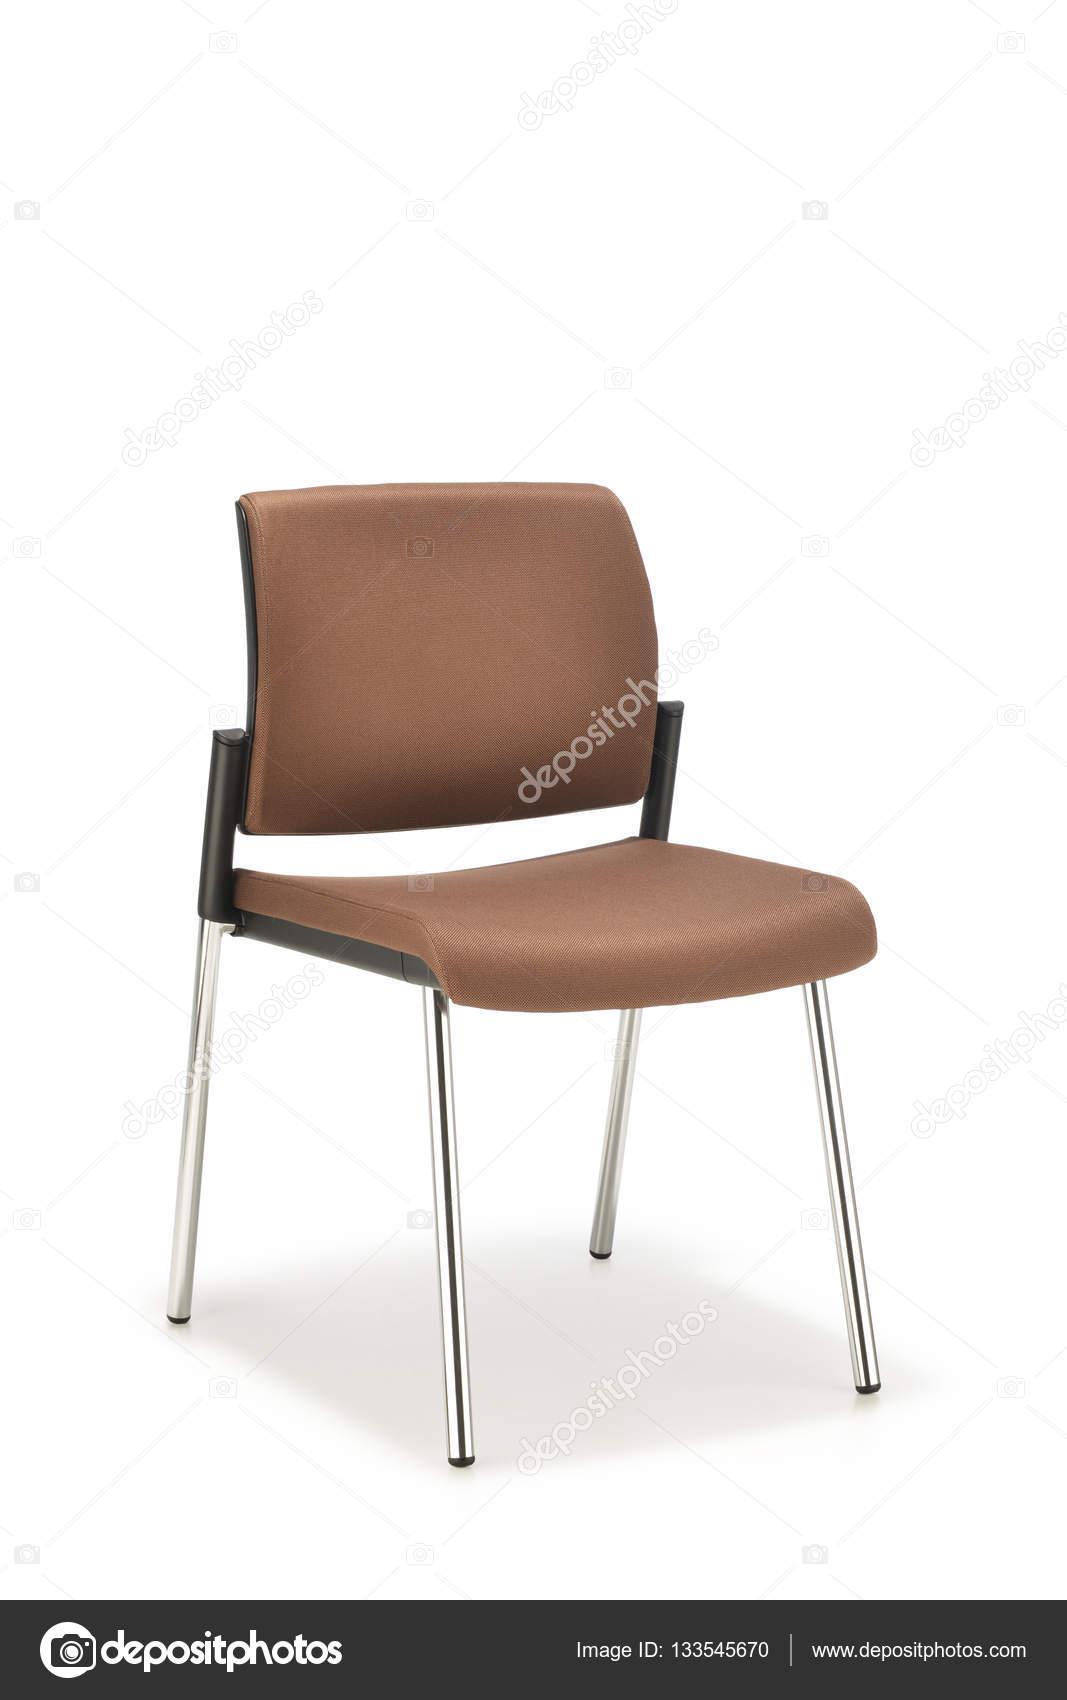 Bureaustoel Zonder Armleuning.Bureaustoel In Bruine Stof Zonder Armleuningen Stockfoto